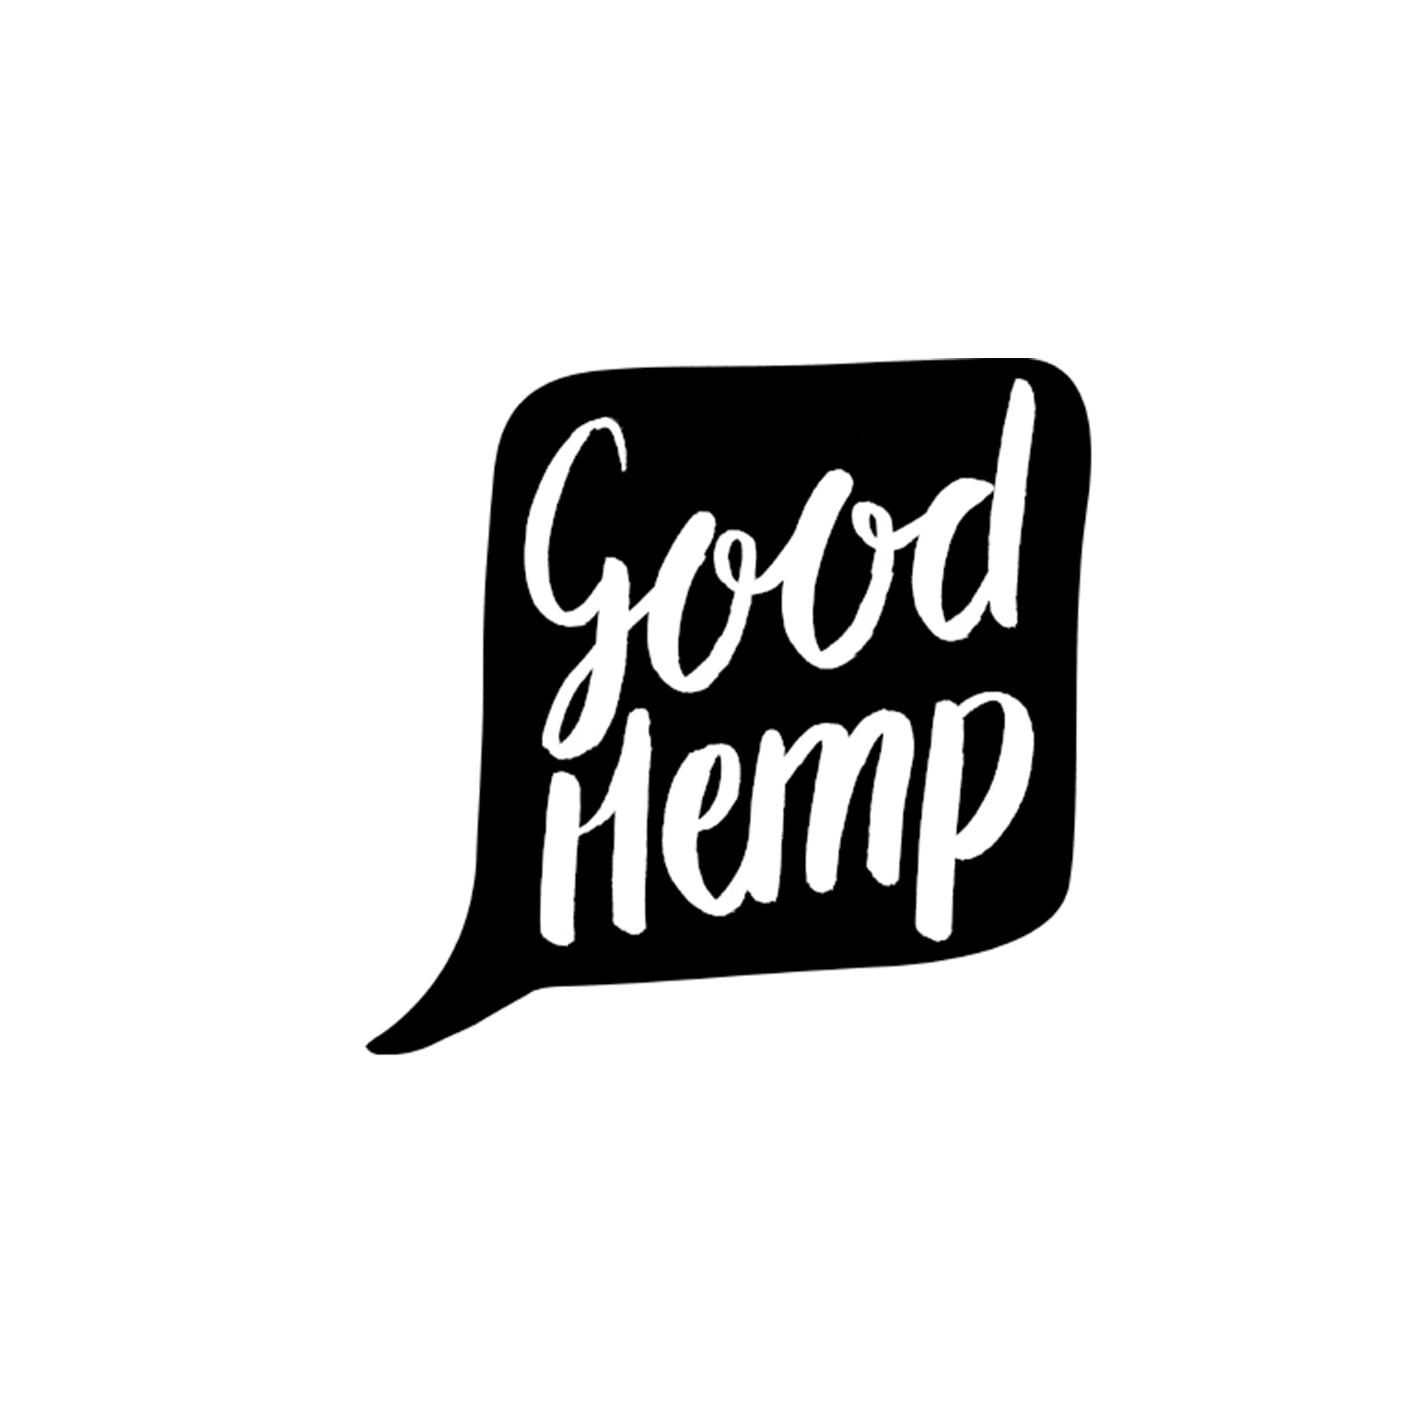 goodhemp